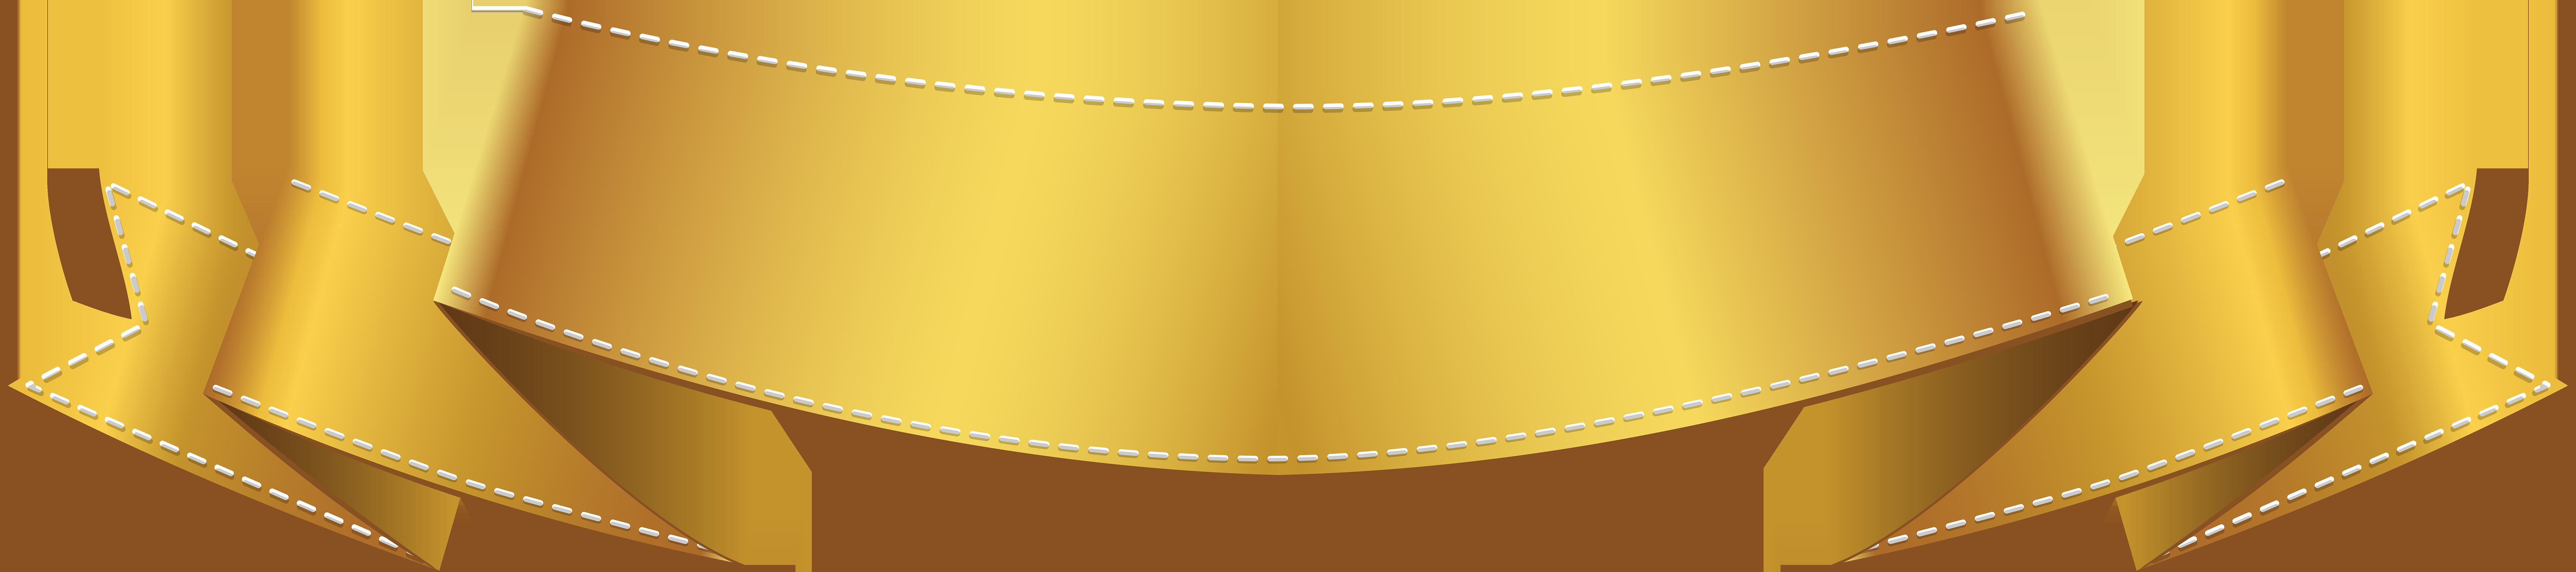 Golden Banner Clip Art PNG Image.